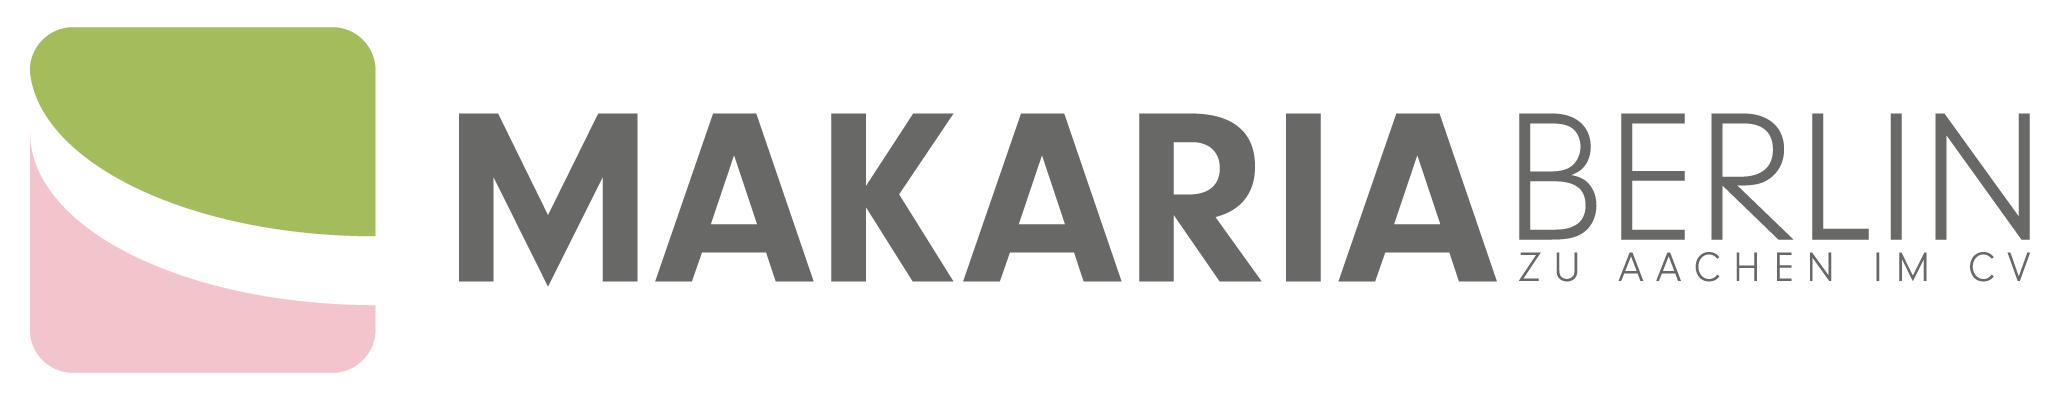 K.D.St.V. Makaria